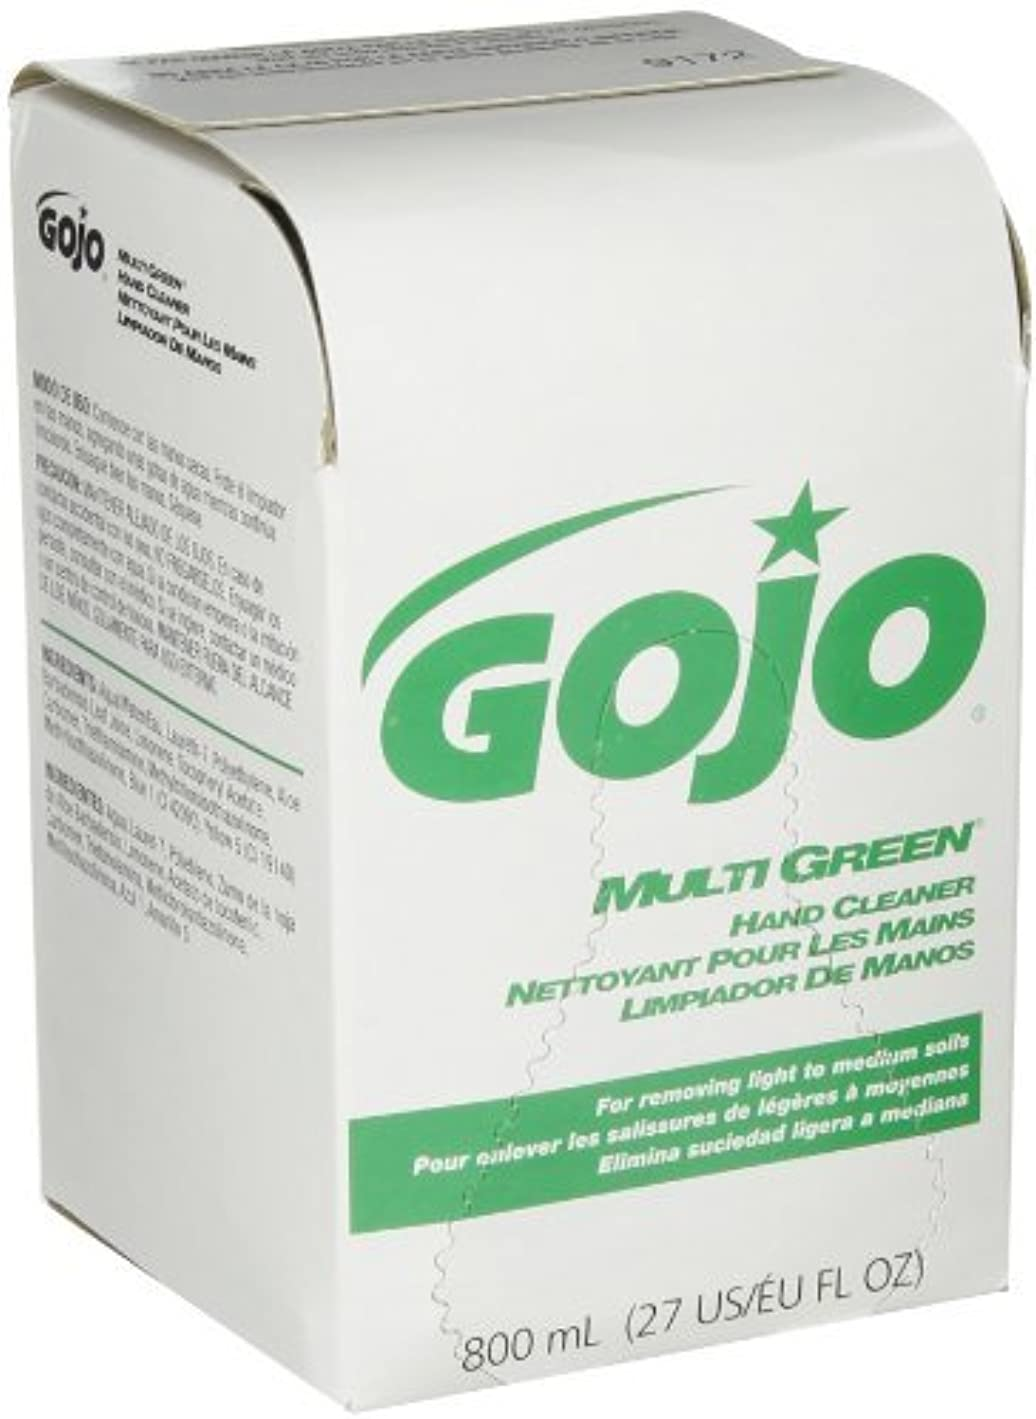 賞約消費GOJO 800 Series MULTI GREEN Hand Cleaner,with Natural Pumice Scrubbers,800 mL Hand Cleaner Refill for 800 Series...